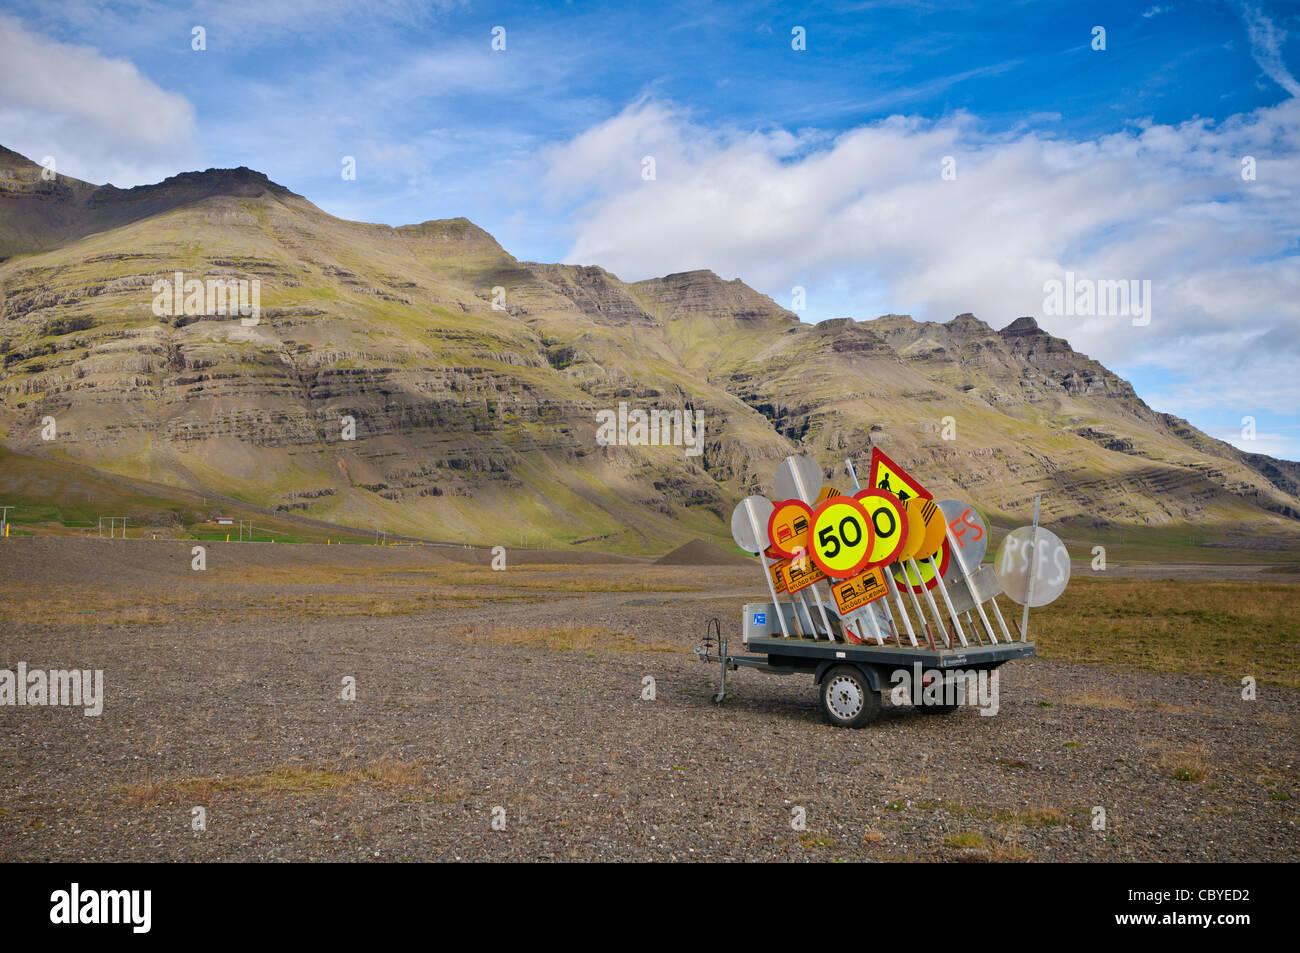 Einem Anhänger voller Verkehrszeichen. Auf der Küste von Island. Stockbild